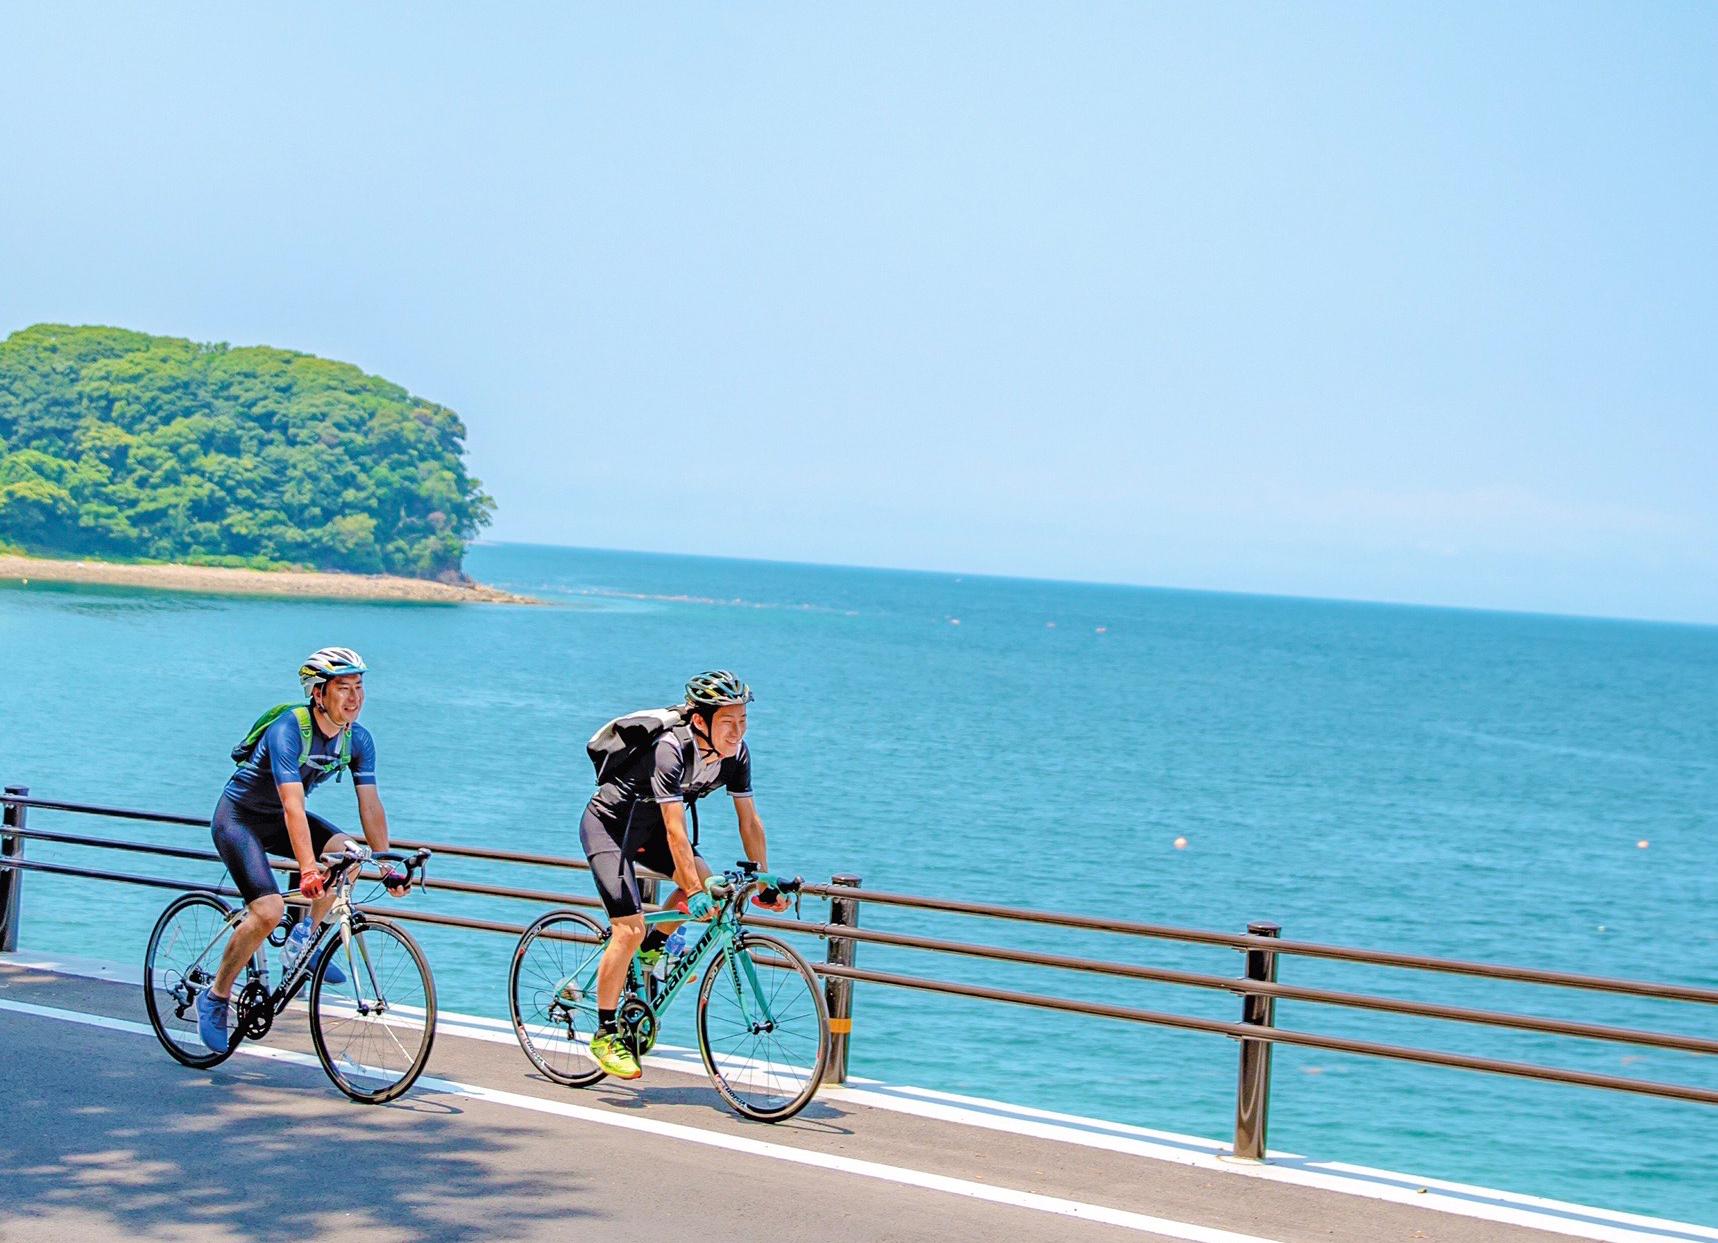 ふるさとパレットに静岡県沼津市が参加しました